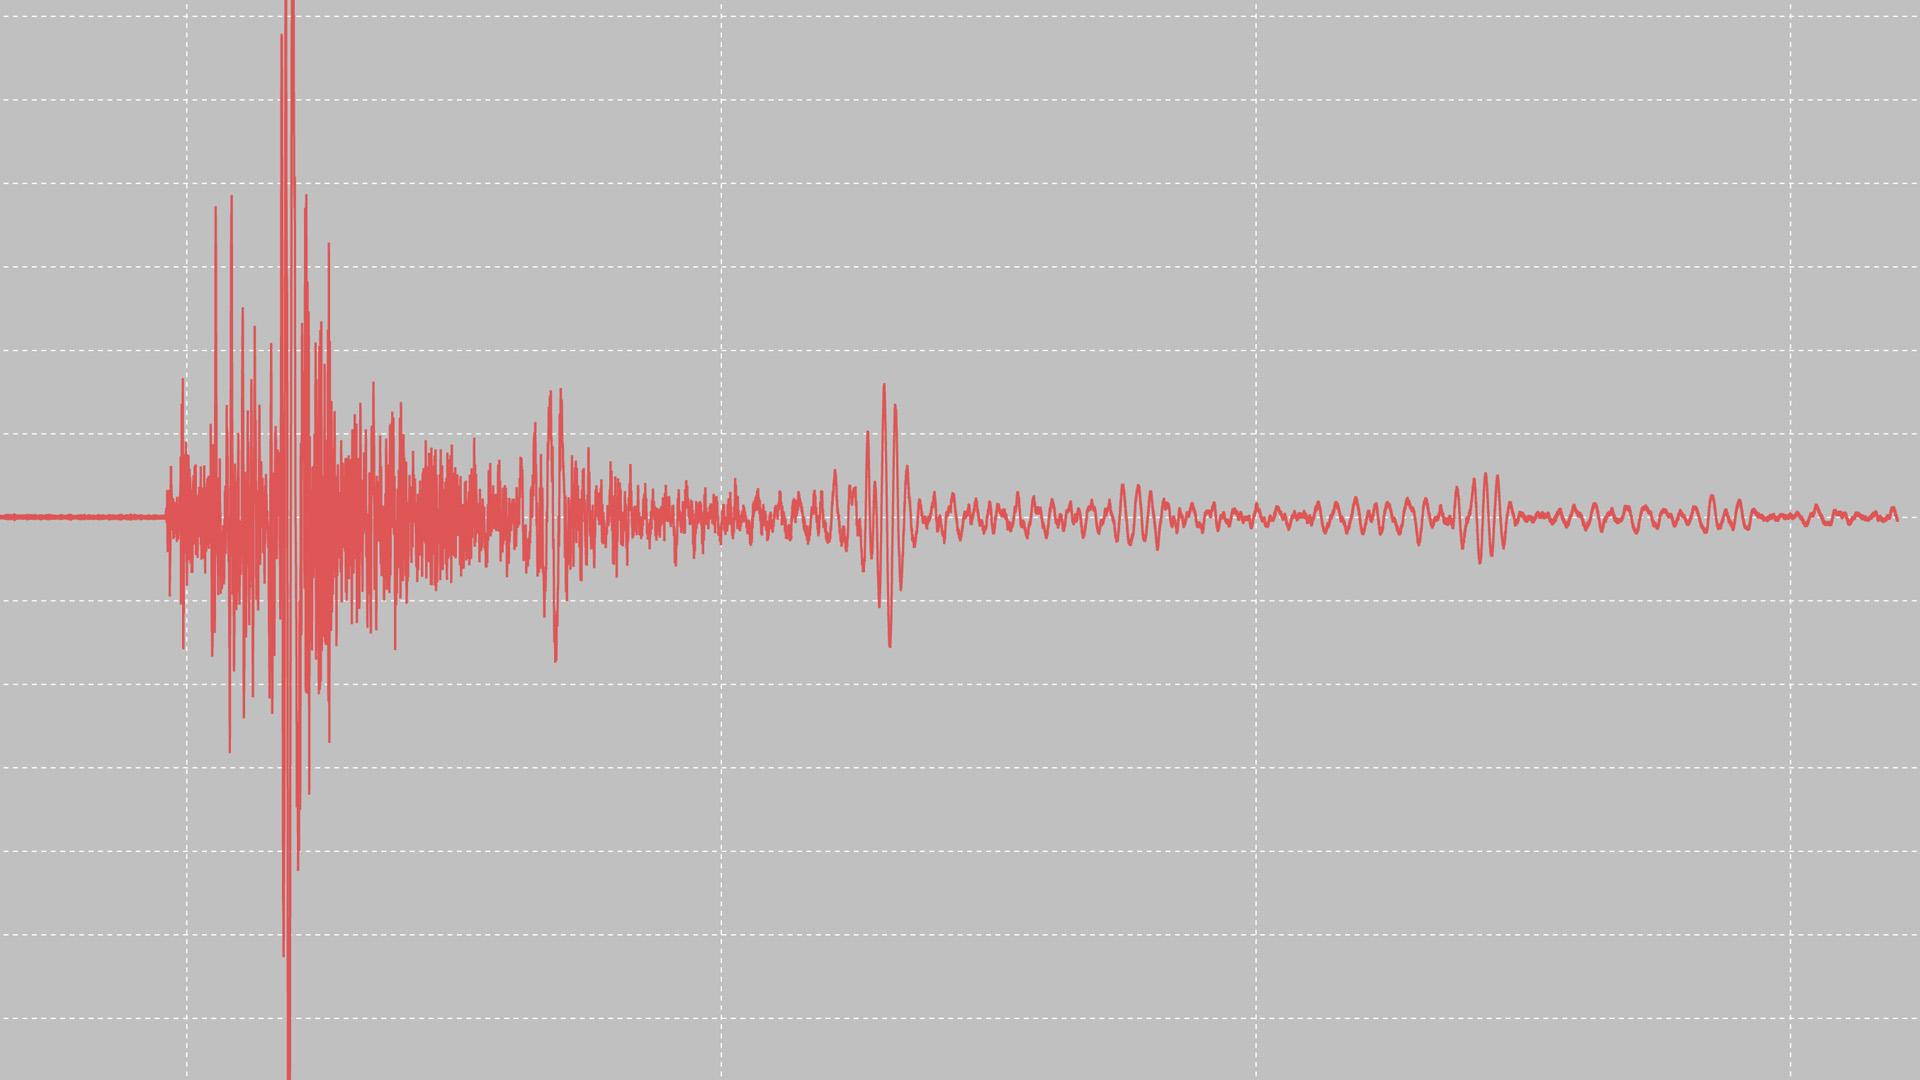 El Instituto de Estudios Territoriales señaló que han ocurrido varios sismos menores desde el martes